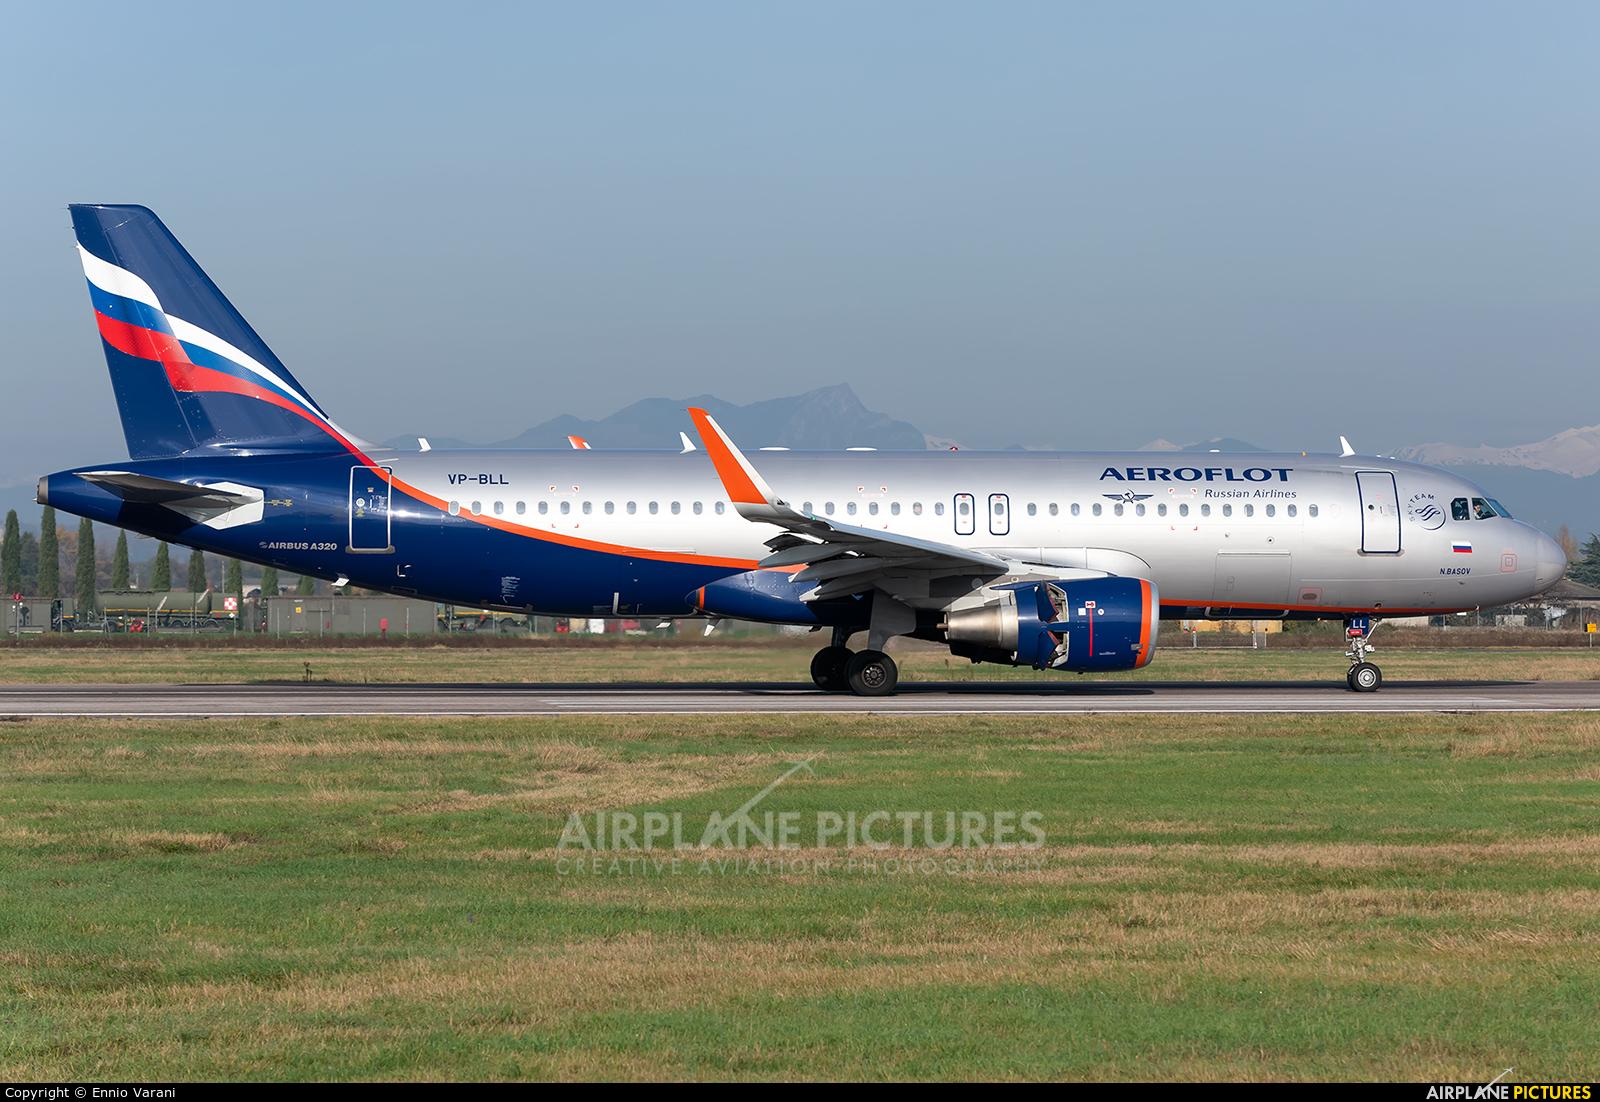 Aeroflot VP-BLL aircraft at Verona - Villafranca